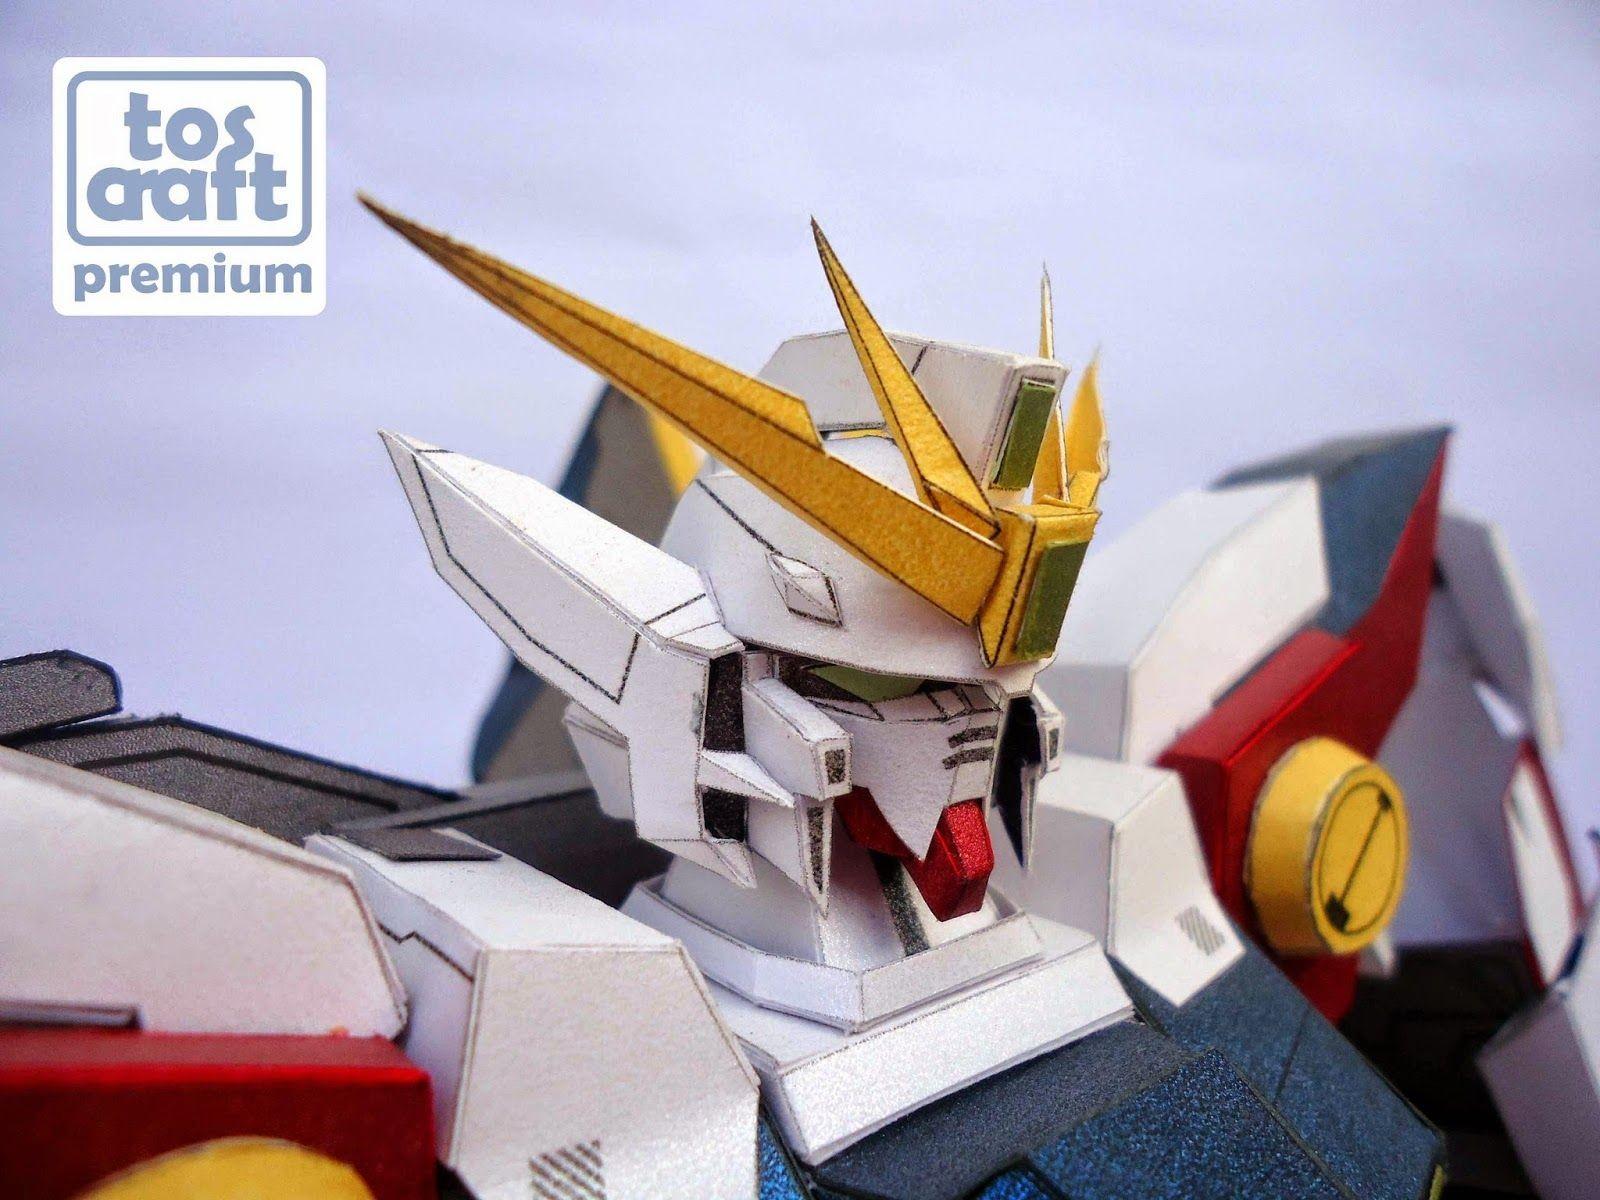 Gundam Wing Zero Papercraft tos Craft Wing Zero Gundam 1 60 Papercraft Pepakura